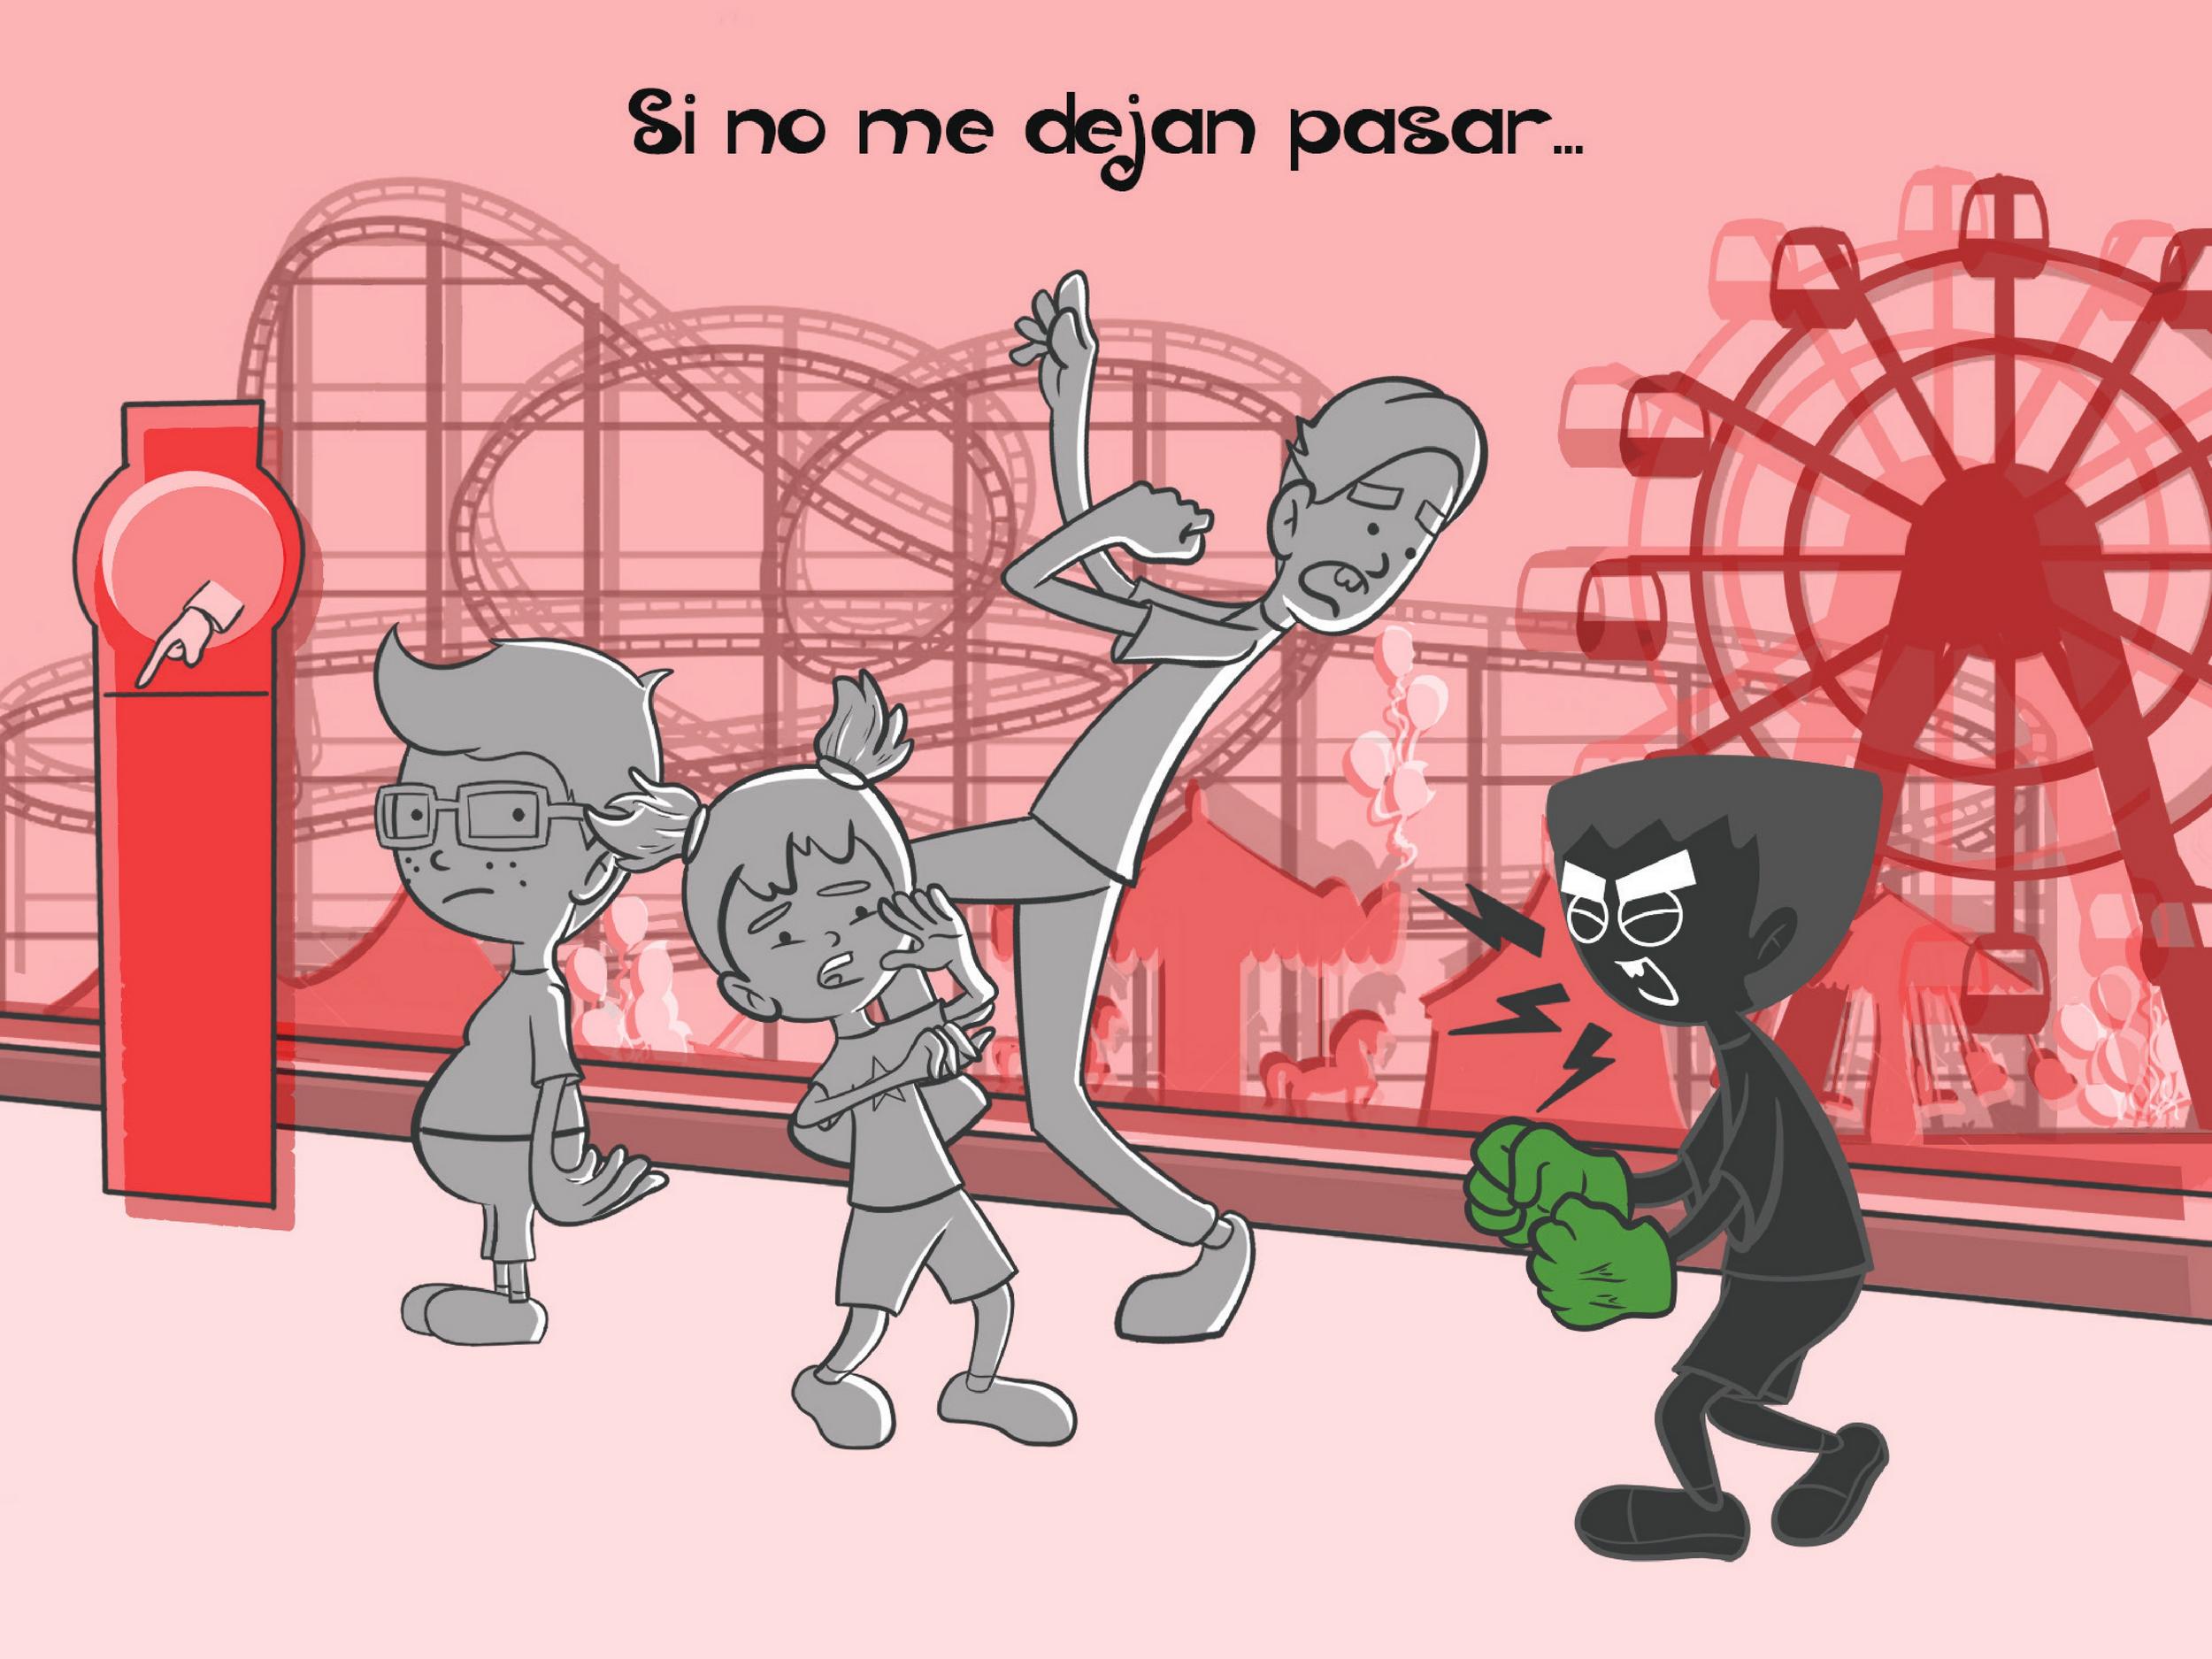 El_niño_puños_Hulk_Javi_Fernandez_Mañas_El niño con los puños de Hulk_page-0011_2500_0011